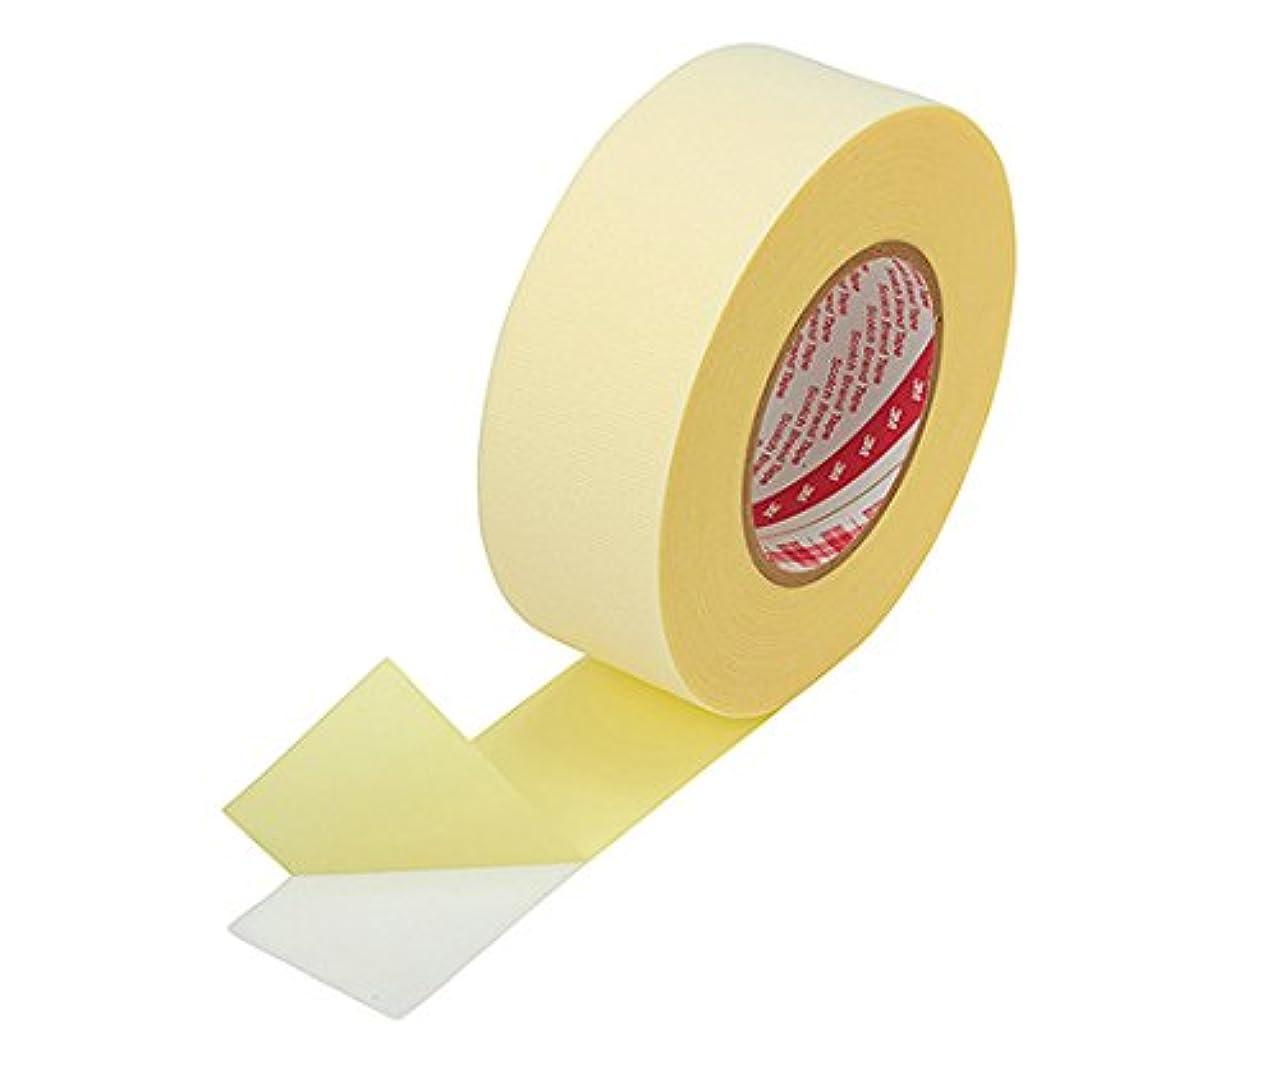 ファイバカスケード一時的メカニカルファスナー フックテープ 50mmX25m 白 /61-2803-84